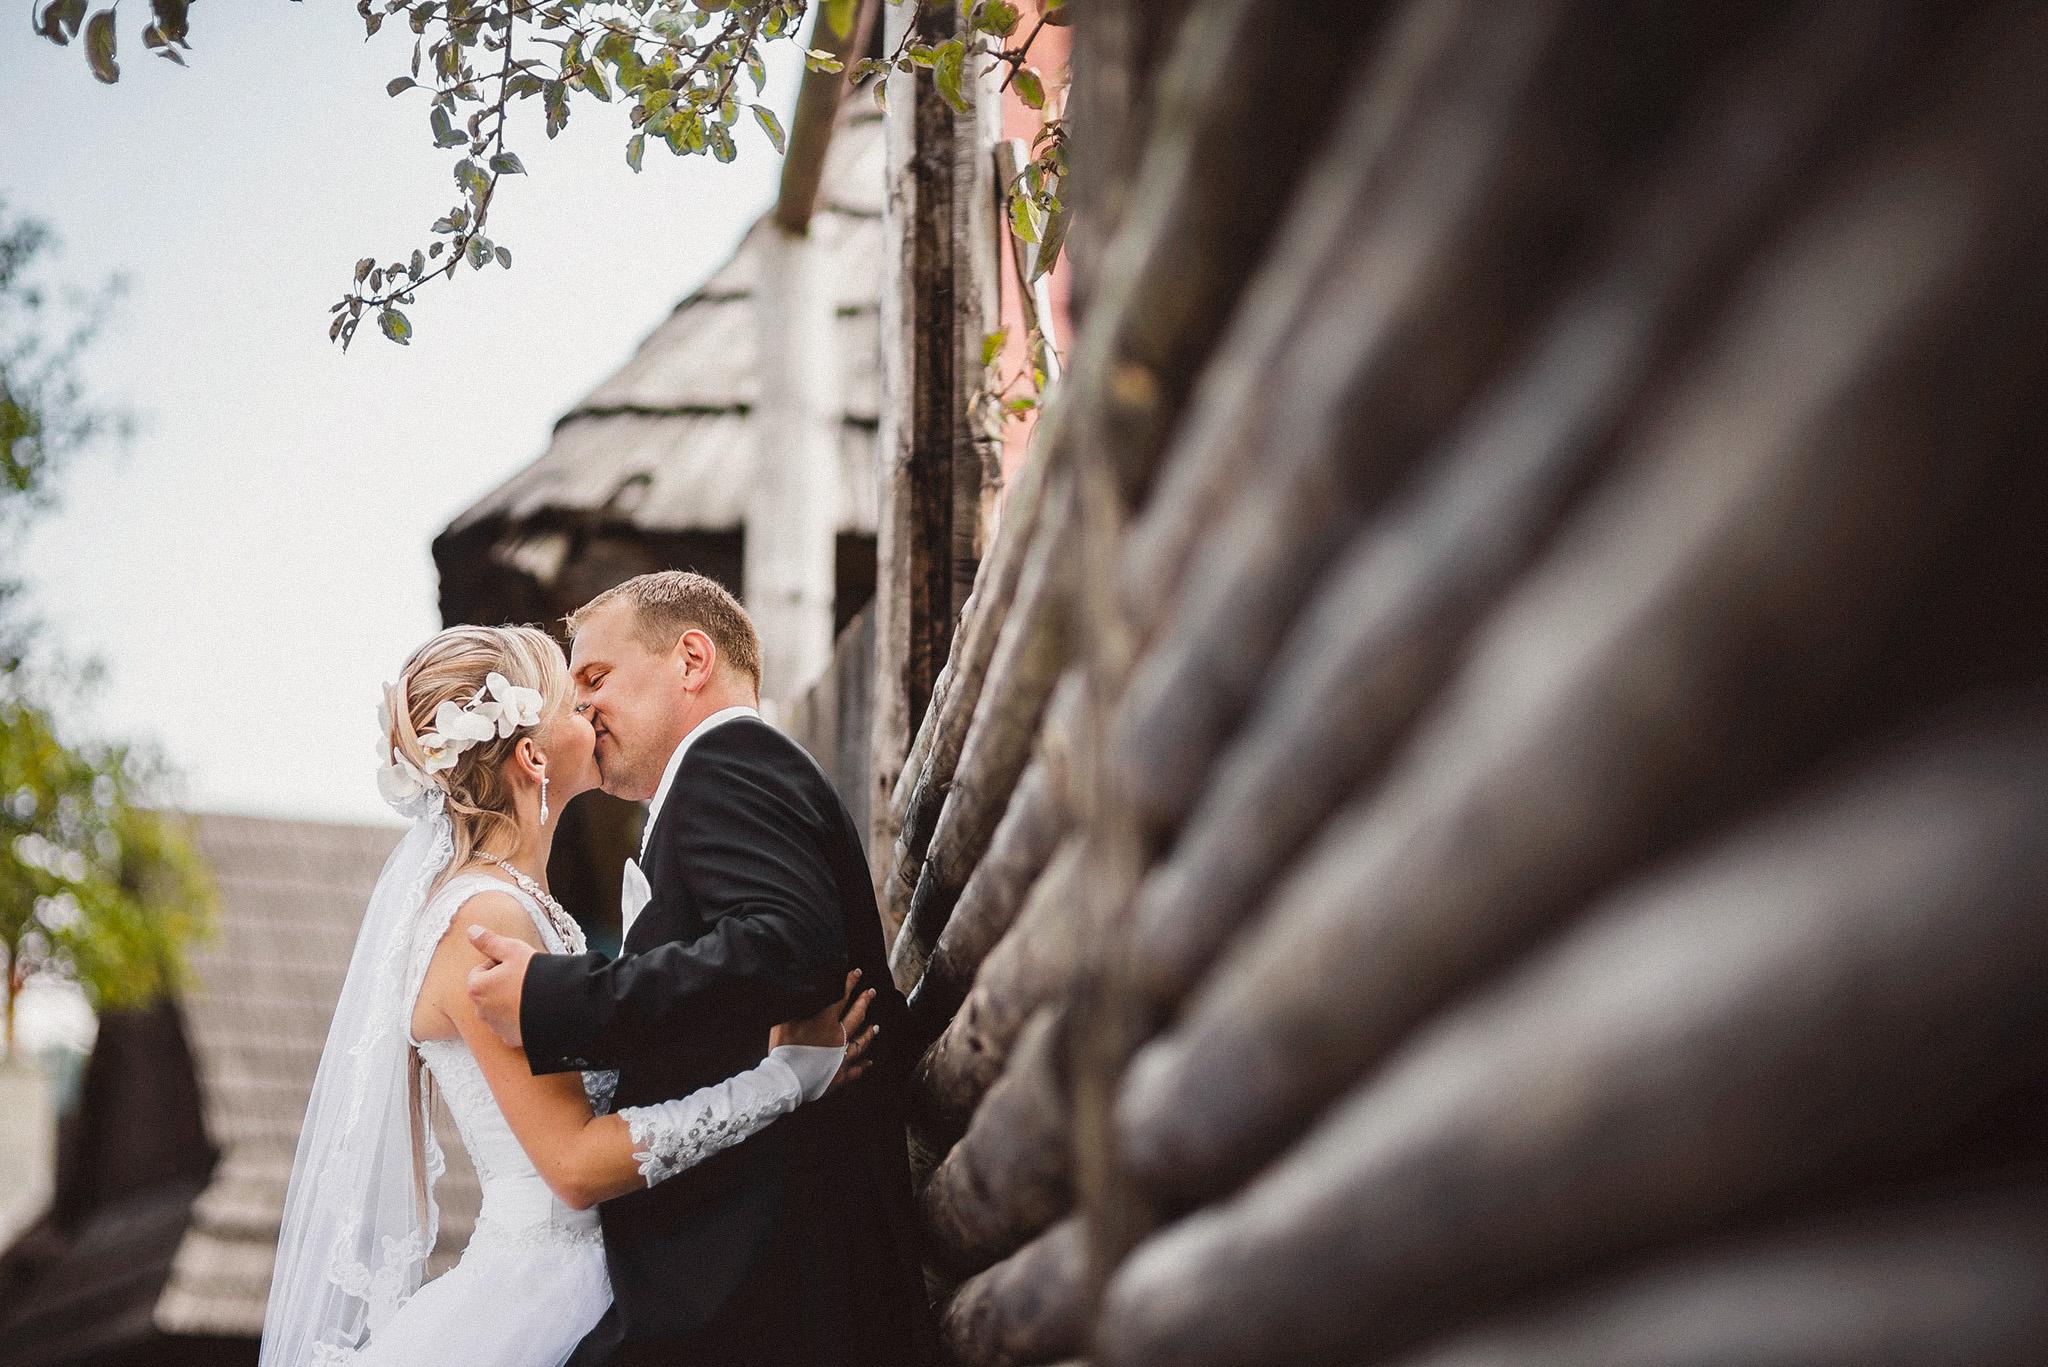 nevesta, ženích, oblek, šaty, drevo, závoj, láska, príroda, love, wedding dress, Bratislava, Trenčín, Žilina, Liptov, fotograf, kameraman, svadobné video, romantika, bozk, pusa, kiss